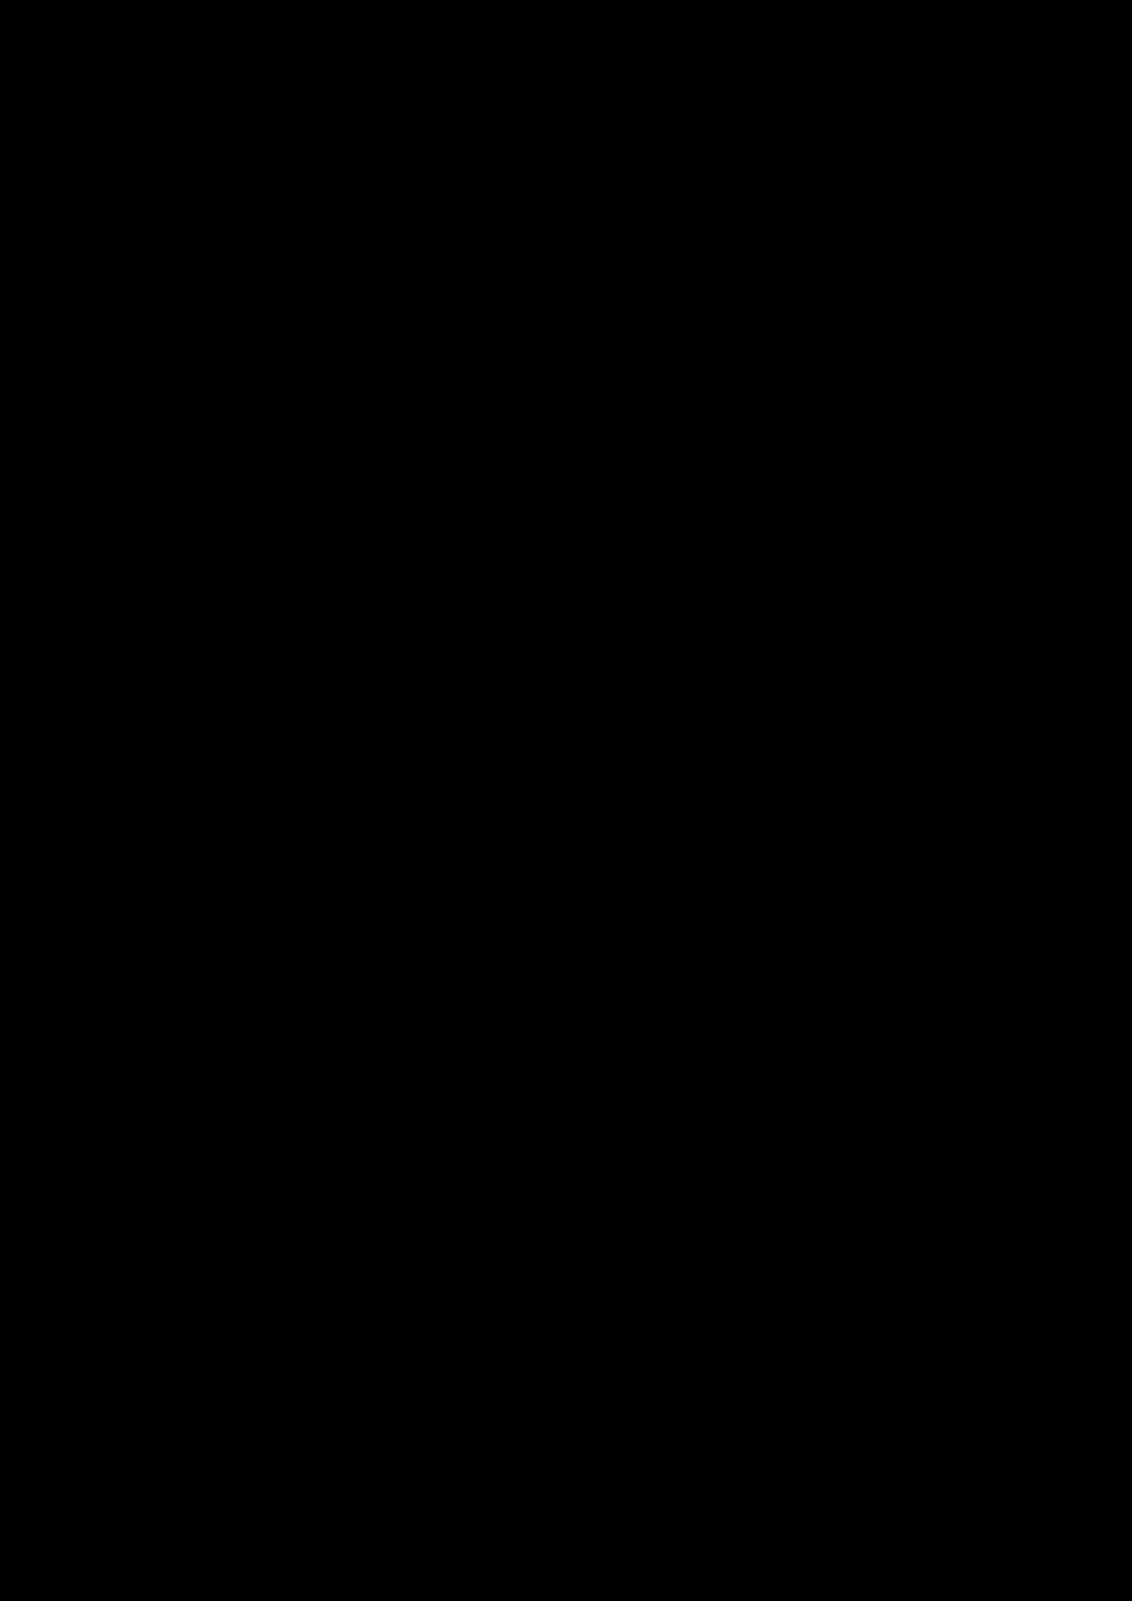 Serdtse slide, Image 41